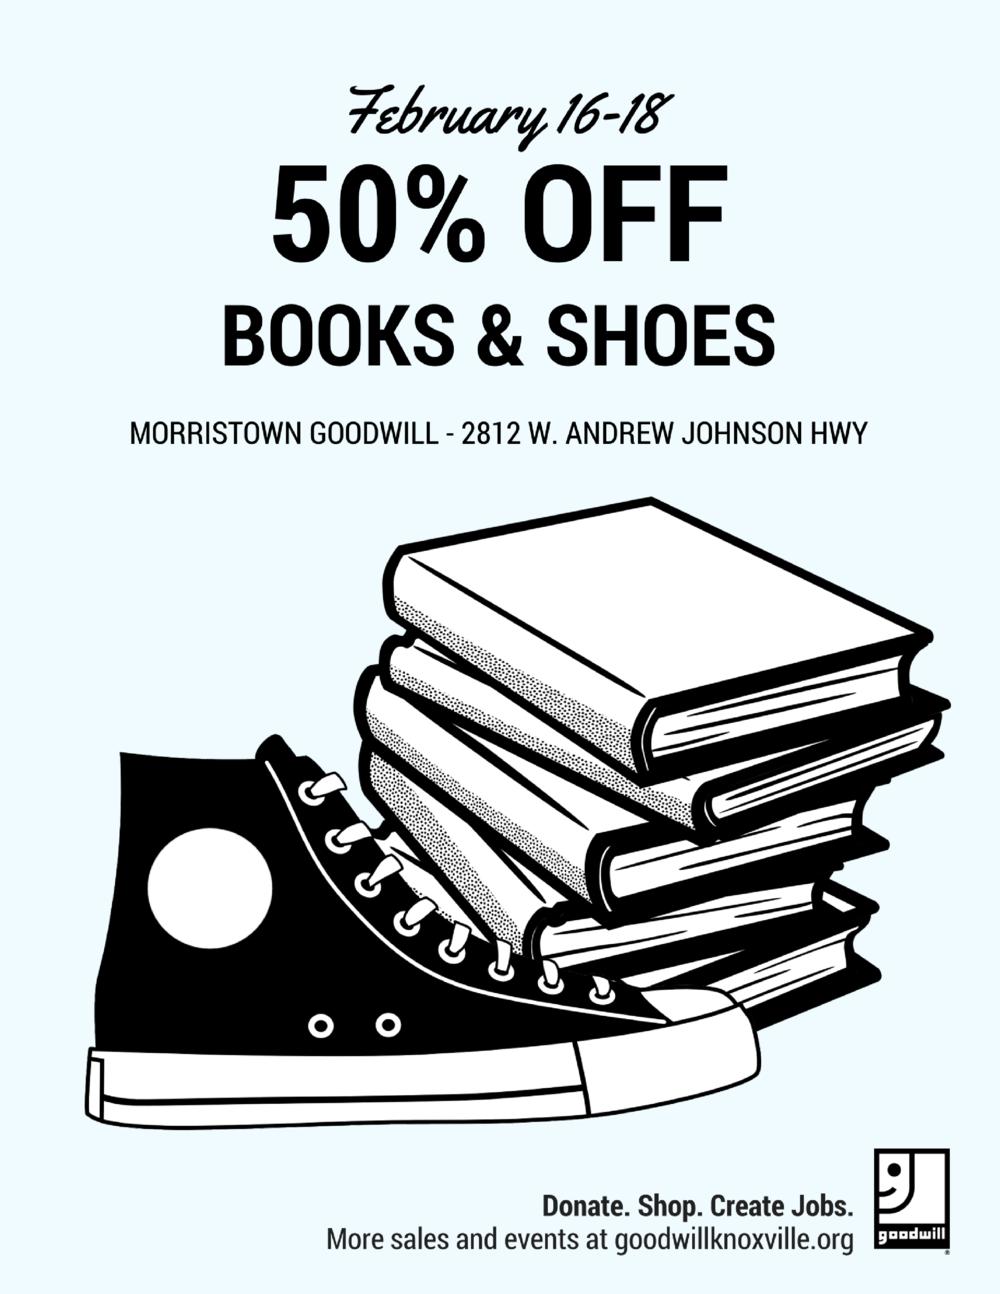 02_MorristownBooksandShoes.png